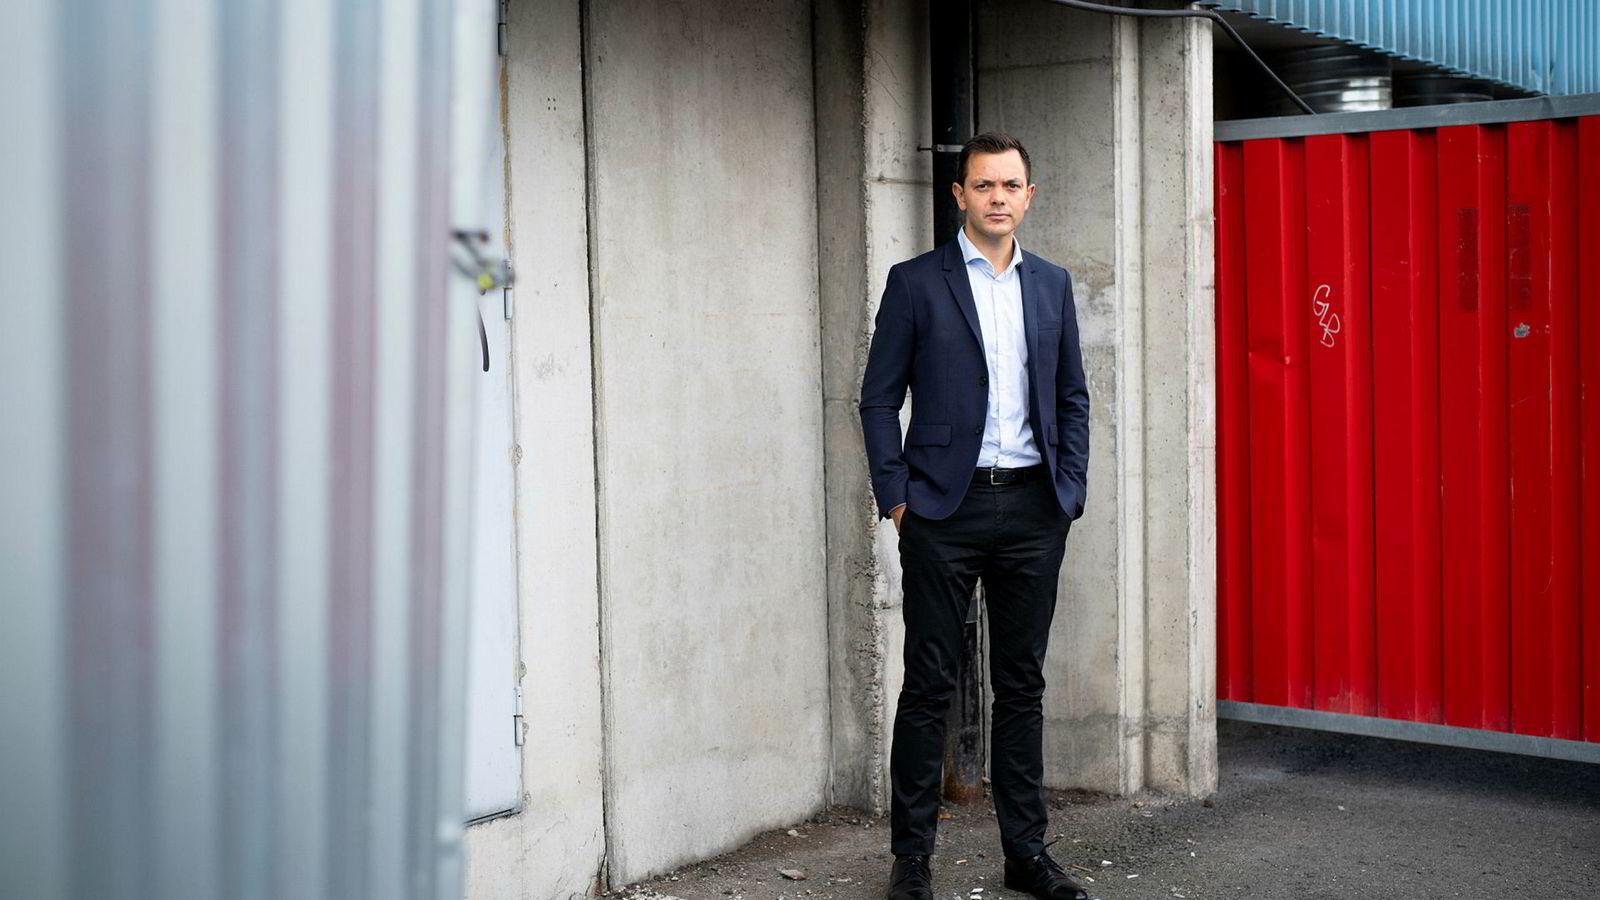 Administrerende direktør i Bilforlaget, Atle Tuverud, omtaler situasjonen som en trist personalsak. Bilforlaget har ifølge sine nettsider 23 ansatte.